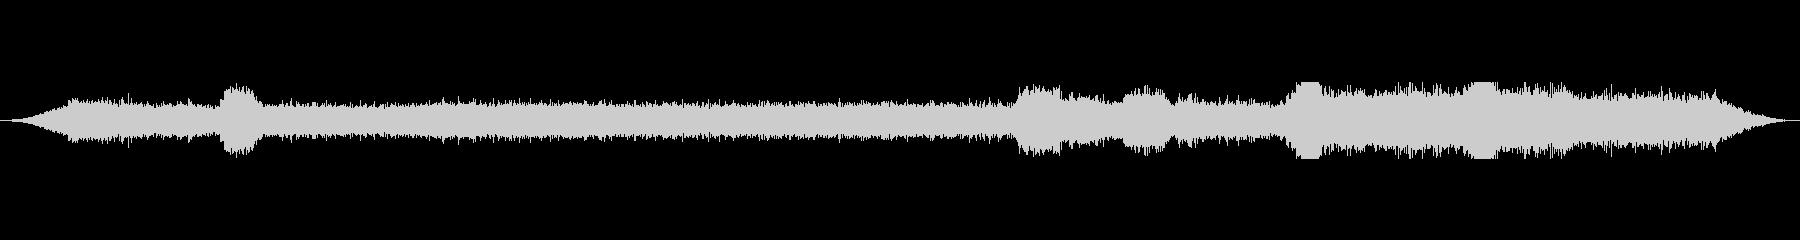 マシンコンプレッサーエアガンブラスの未再生の波形